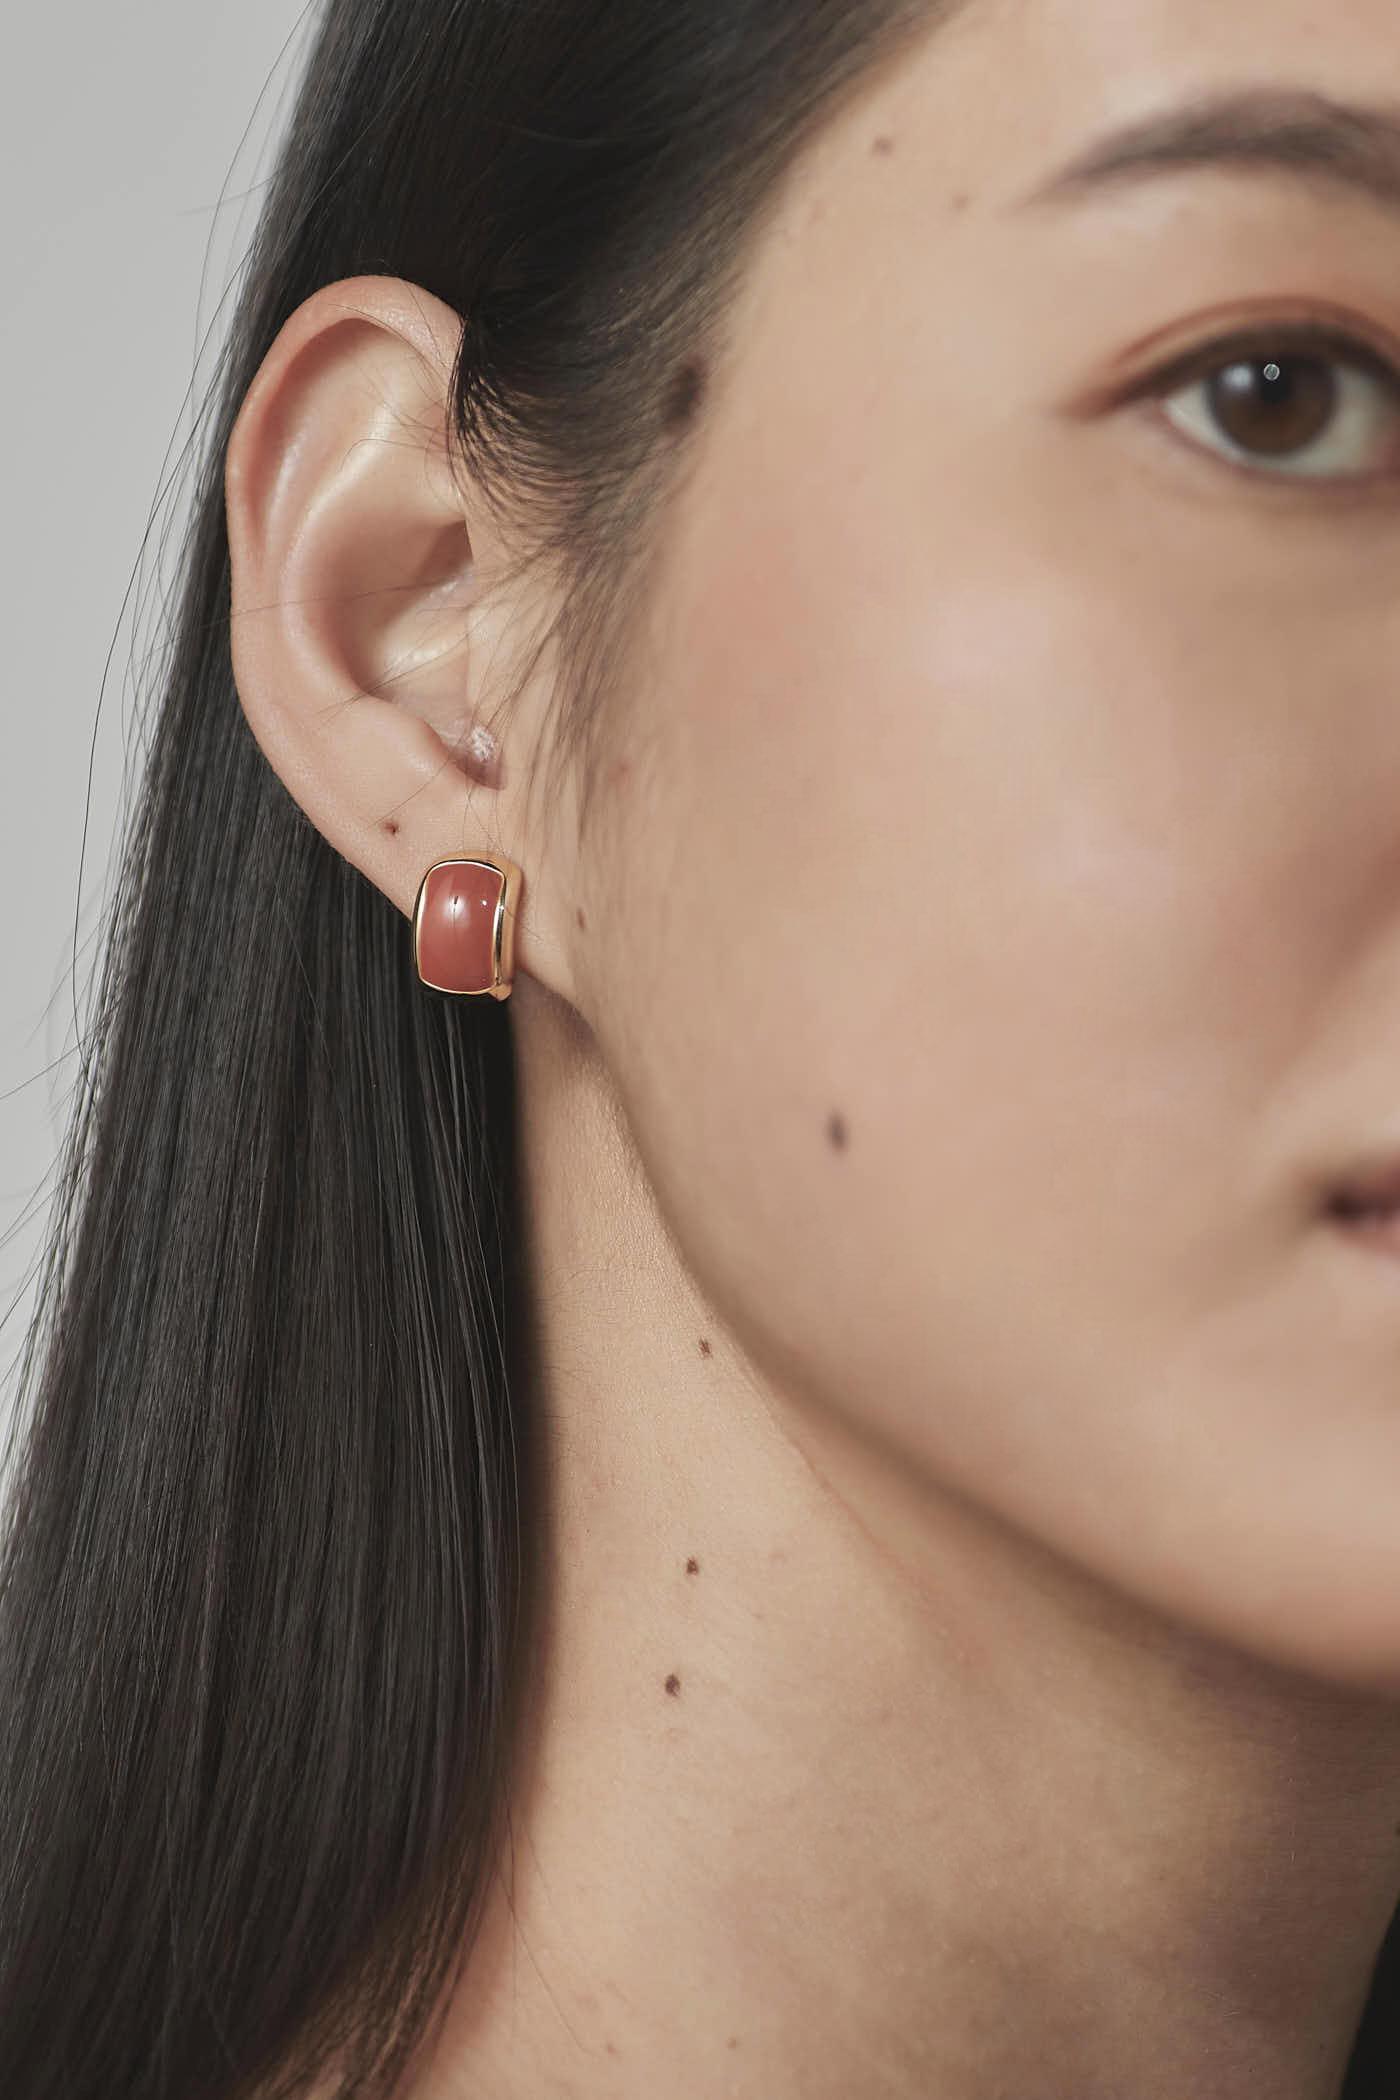 Julin Ear Studs